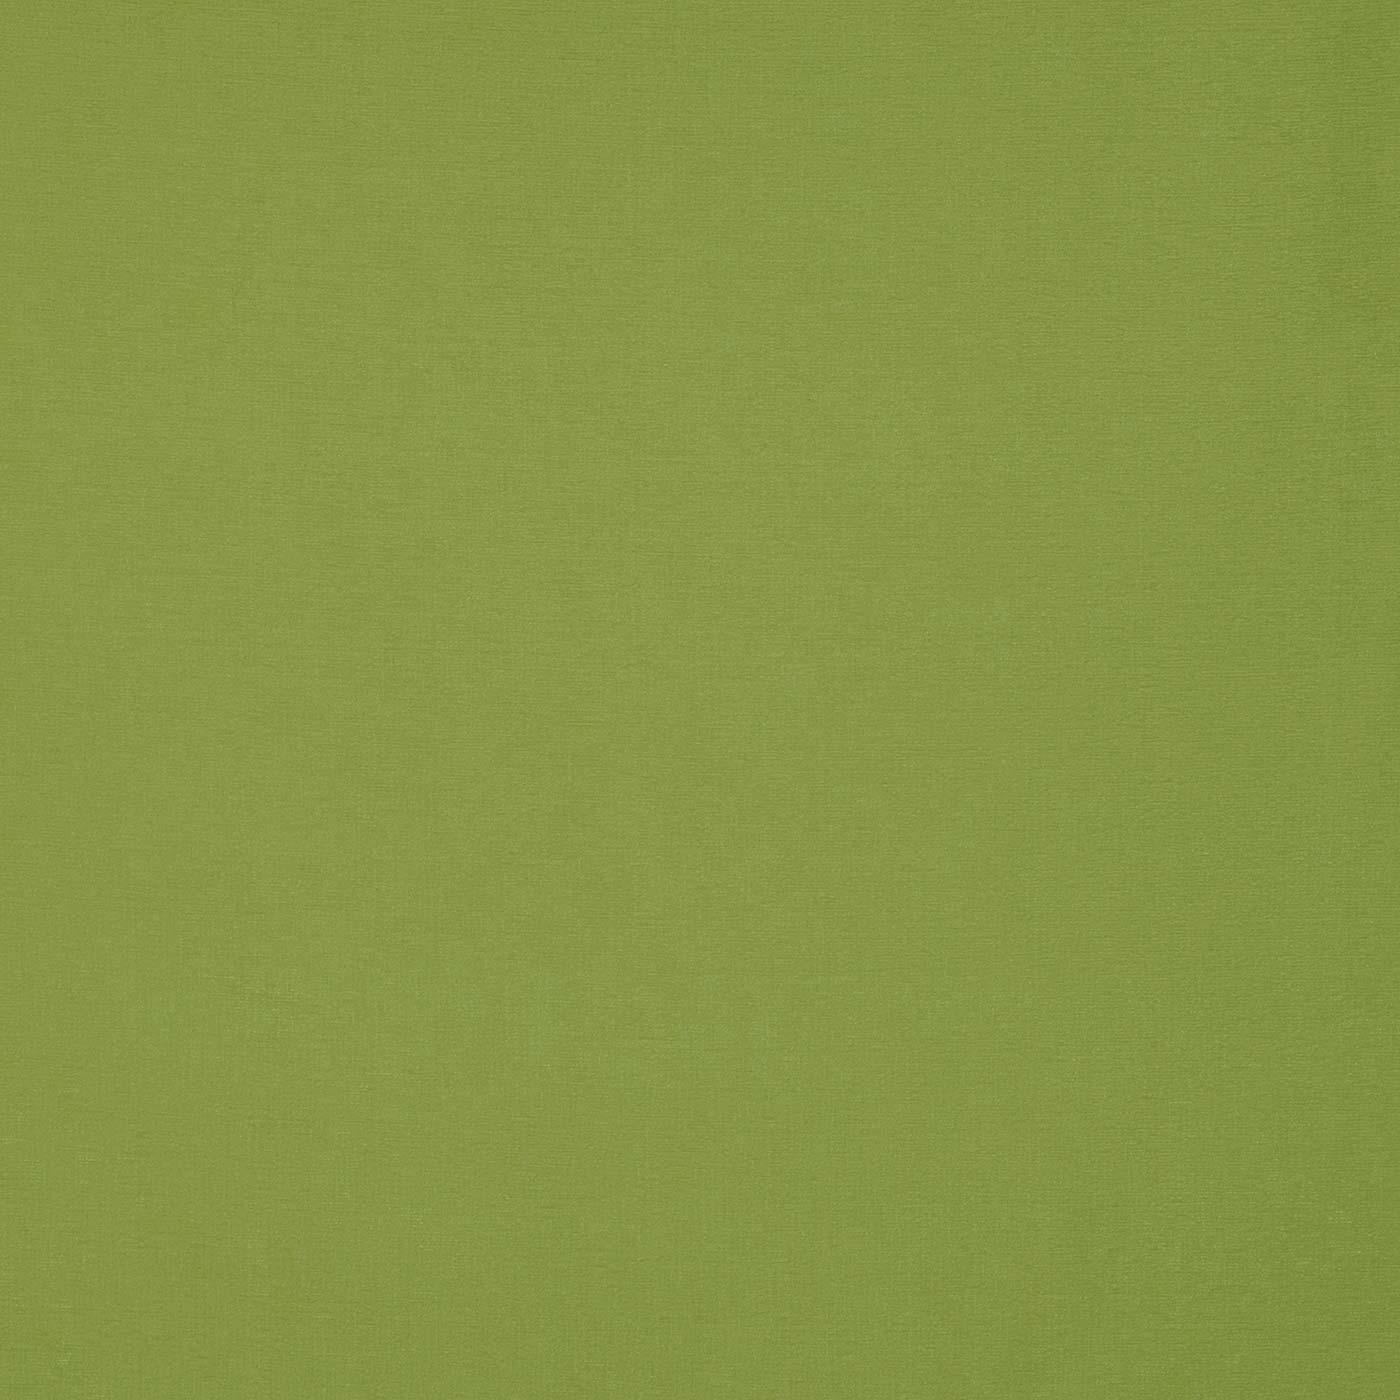 Lindon Lime